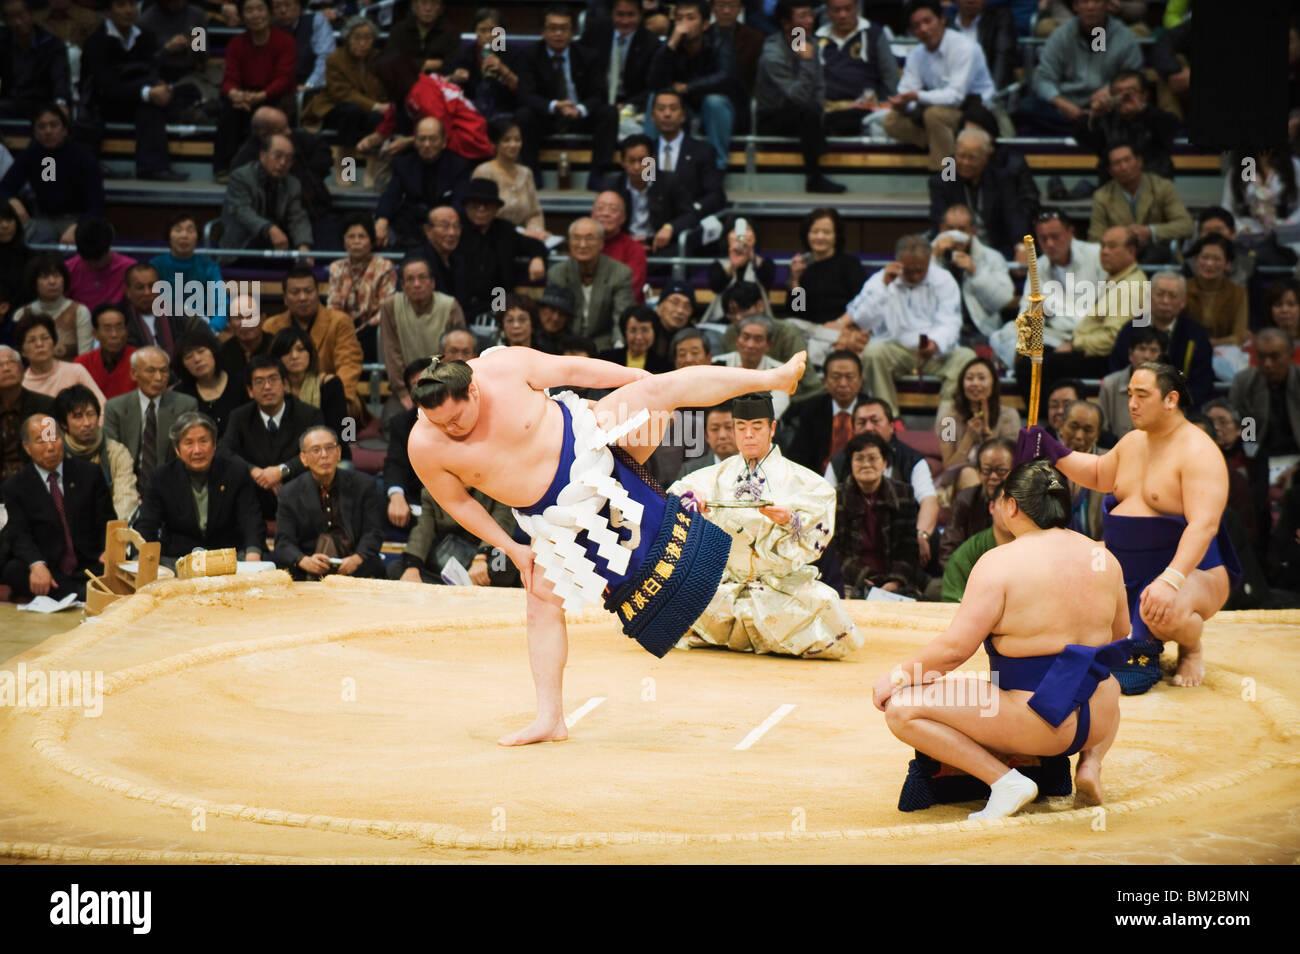 Fukuoka Sumo concorrenza, inserendo l'anello cerimonia, Kyushu Basho, citta' di Fukuoka, Kyushu, Giappone Foto Stock